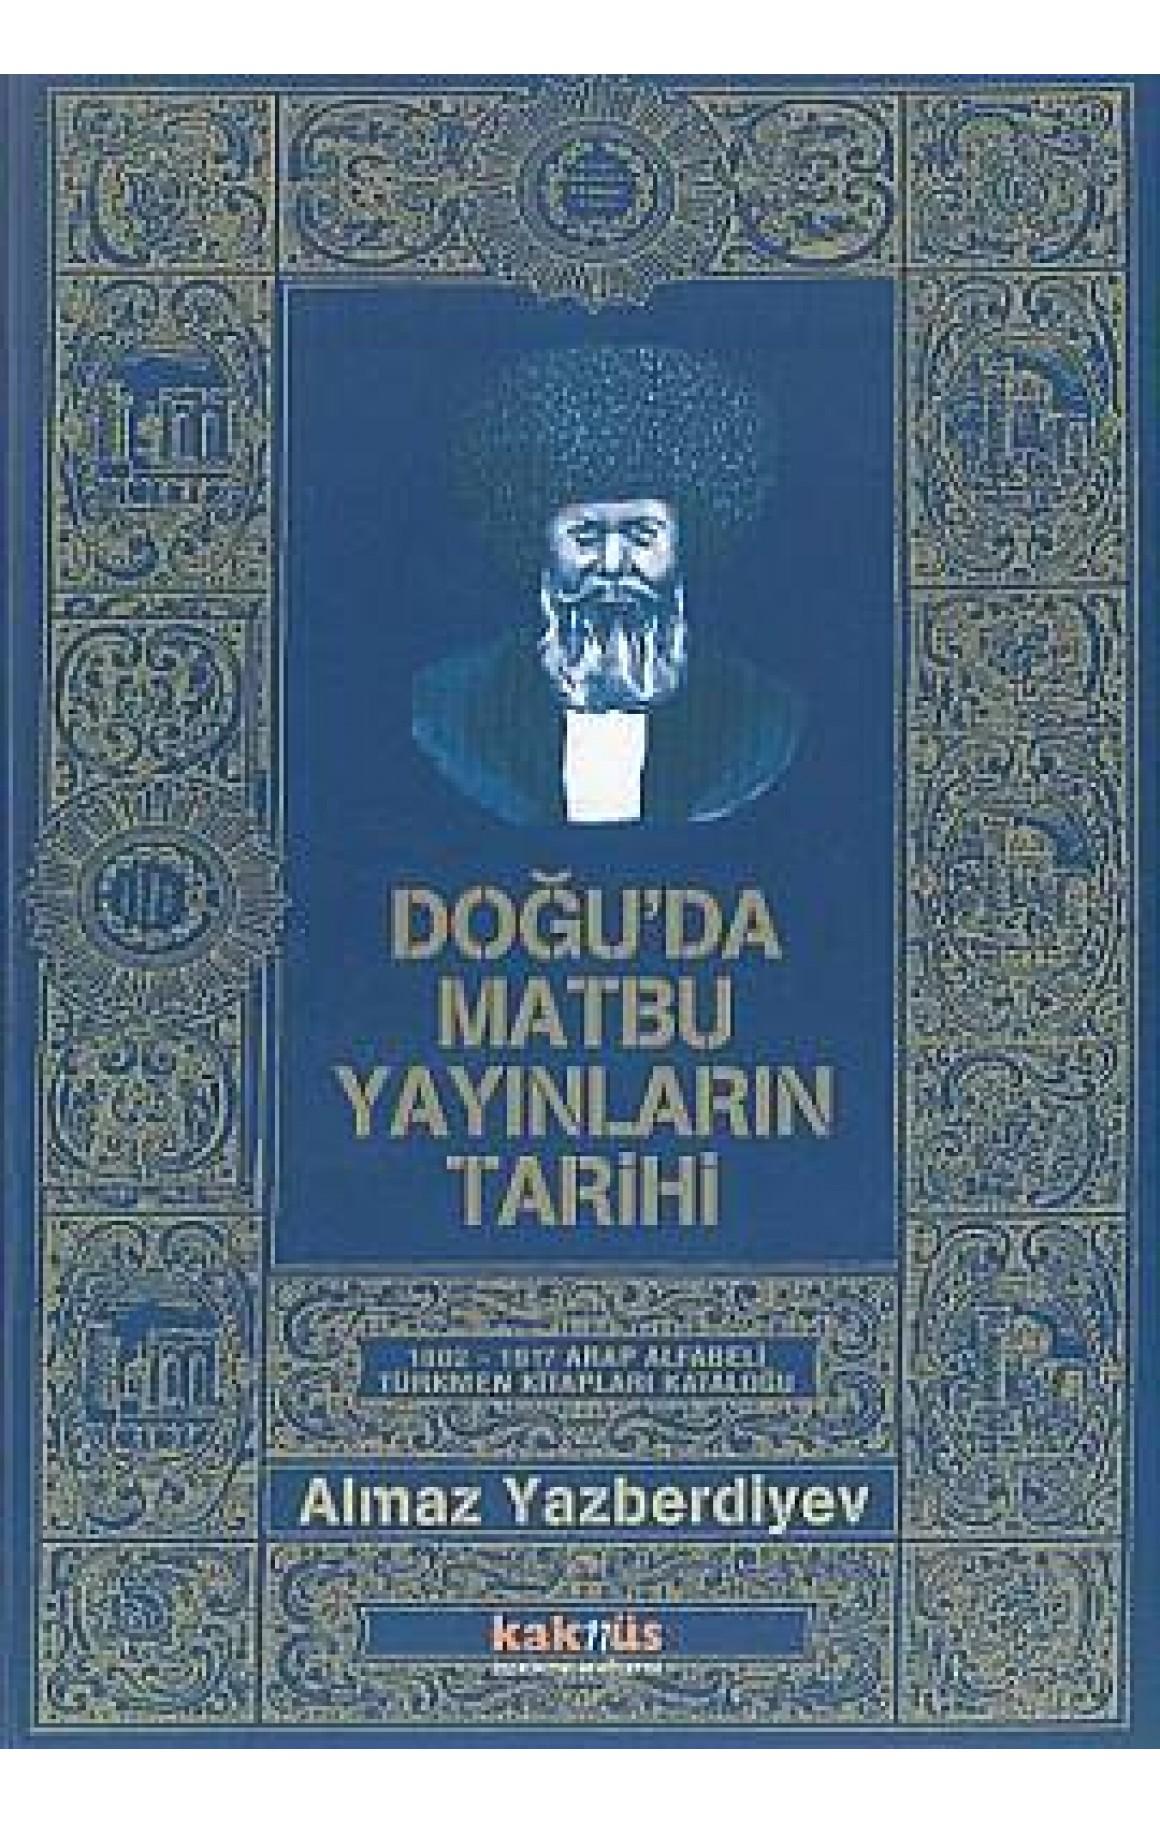 Doğu'da Matbu Yayınların Tarihi1802-1917 Arap Alfabeli Türkmen Kitapları Kataloğu